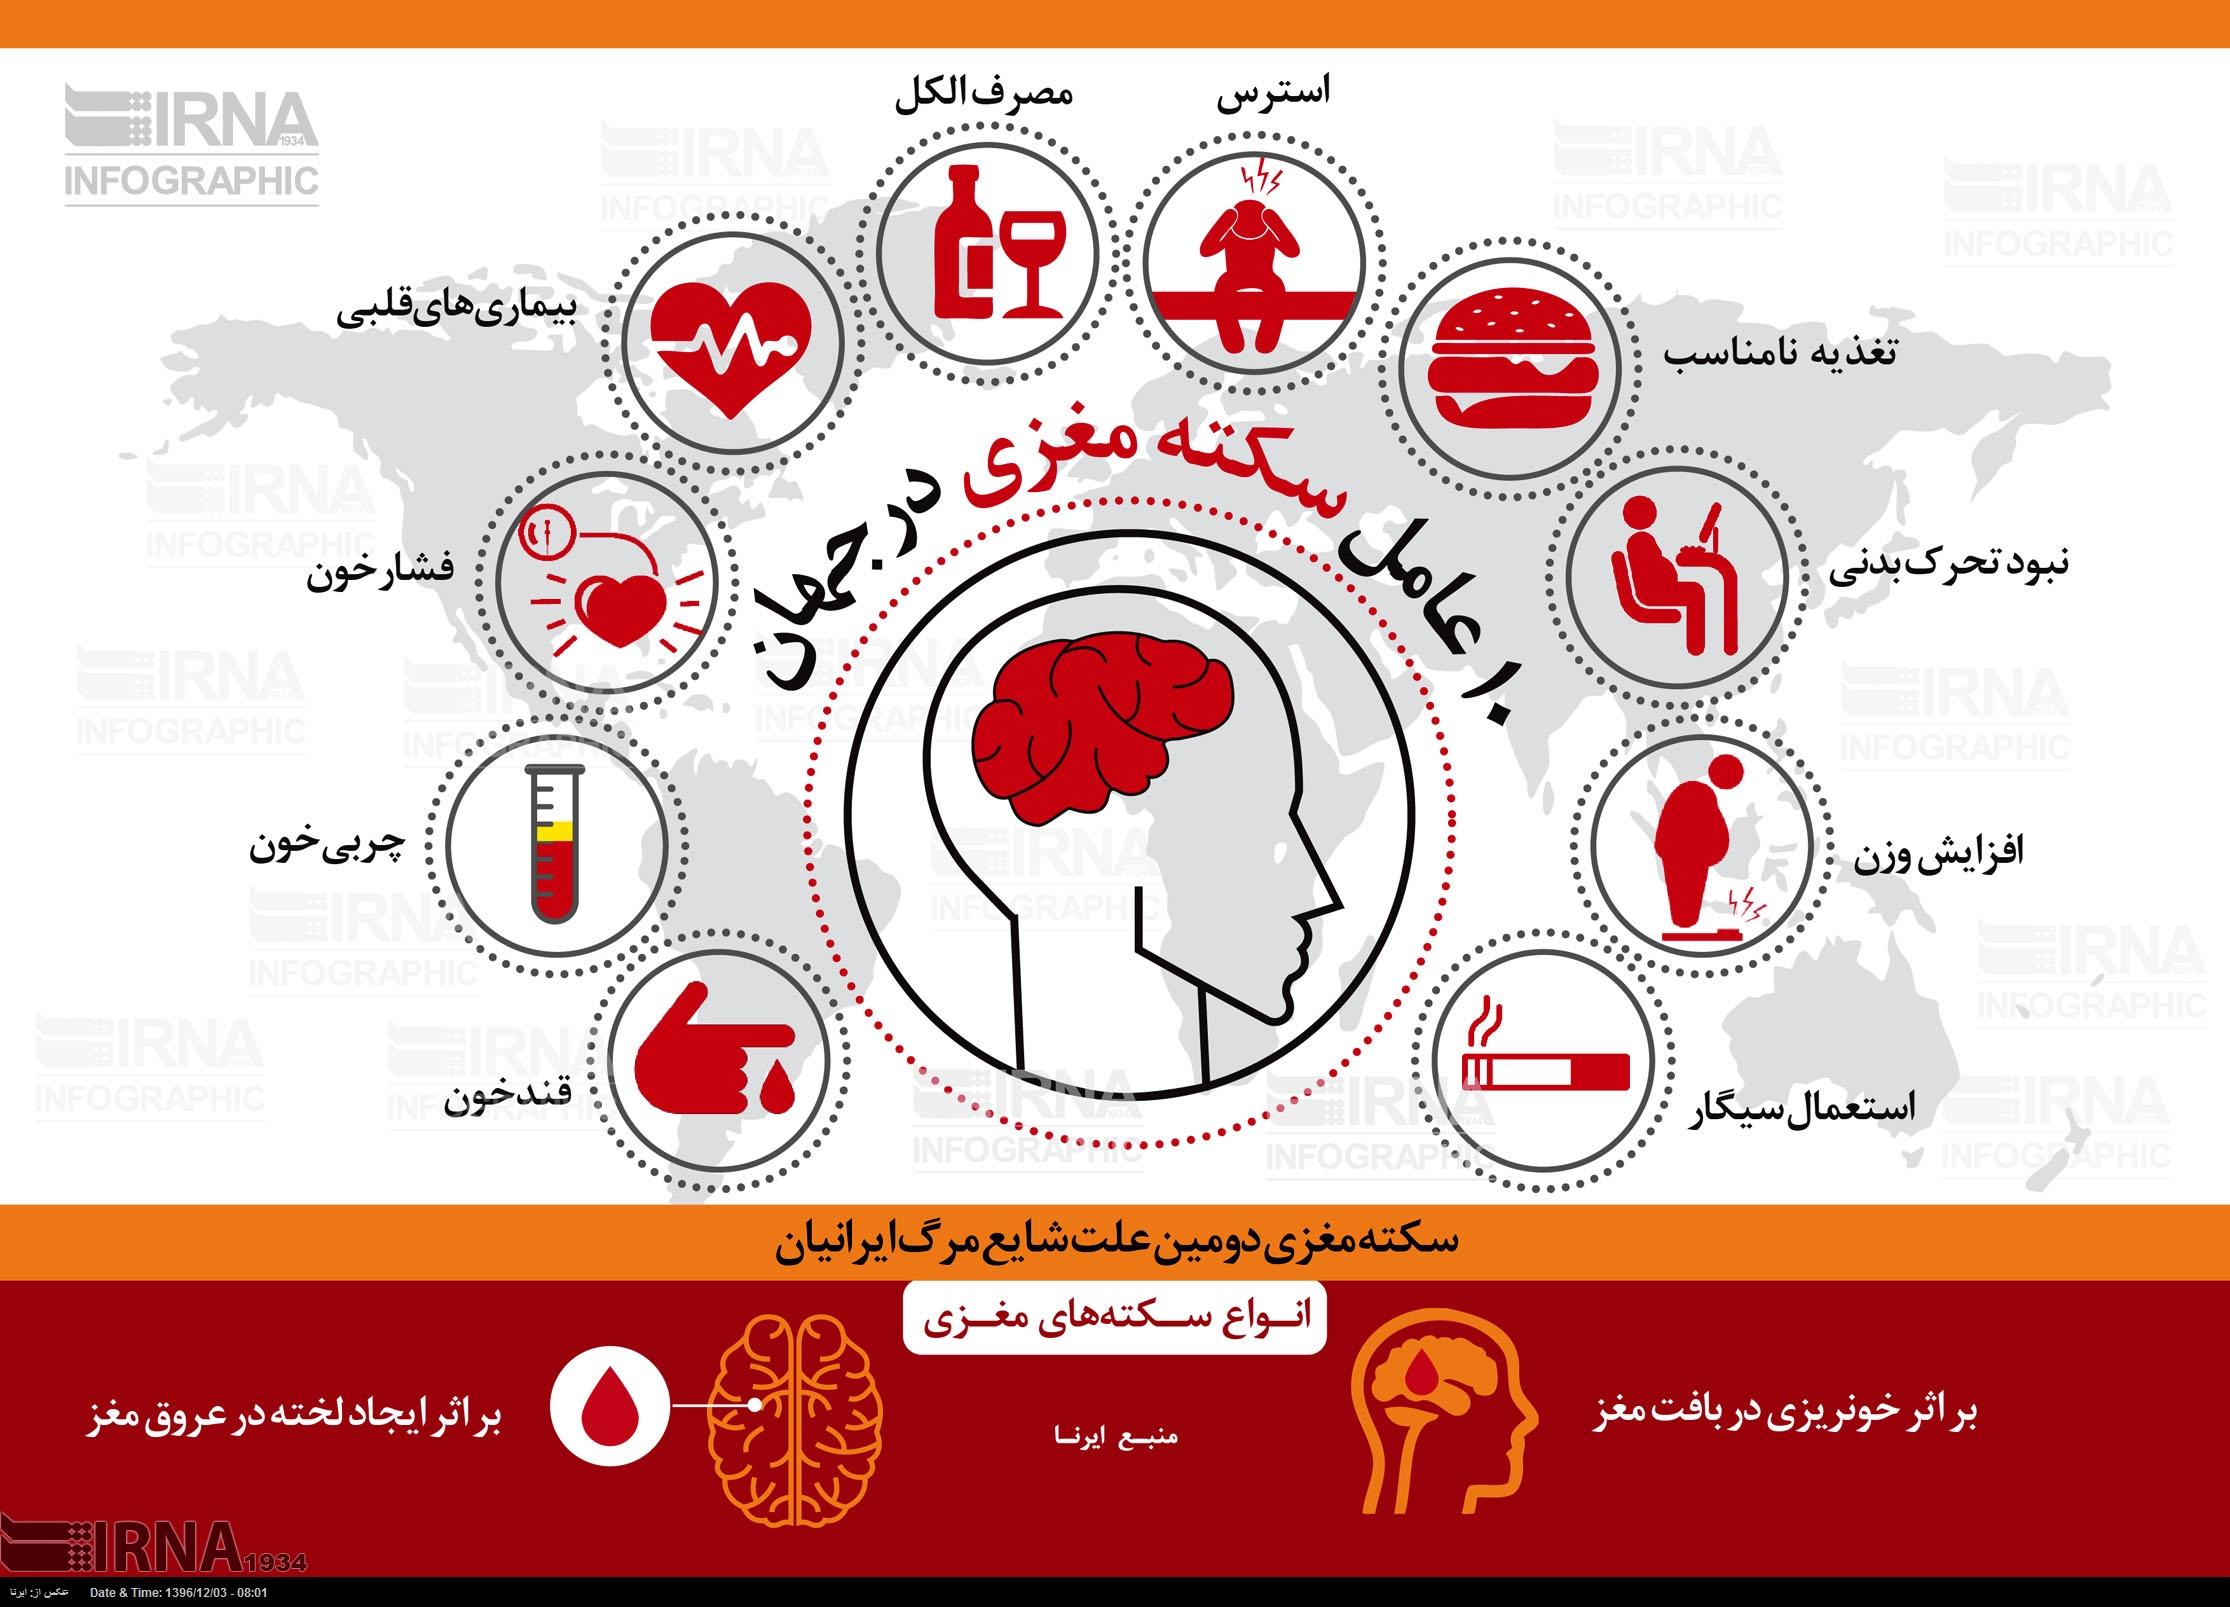 10 عامل سکته مغزی در جهان